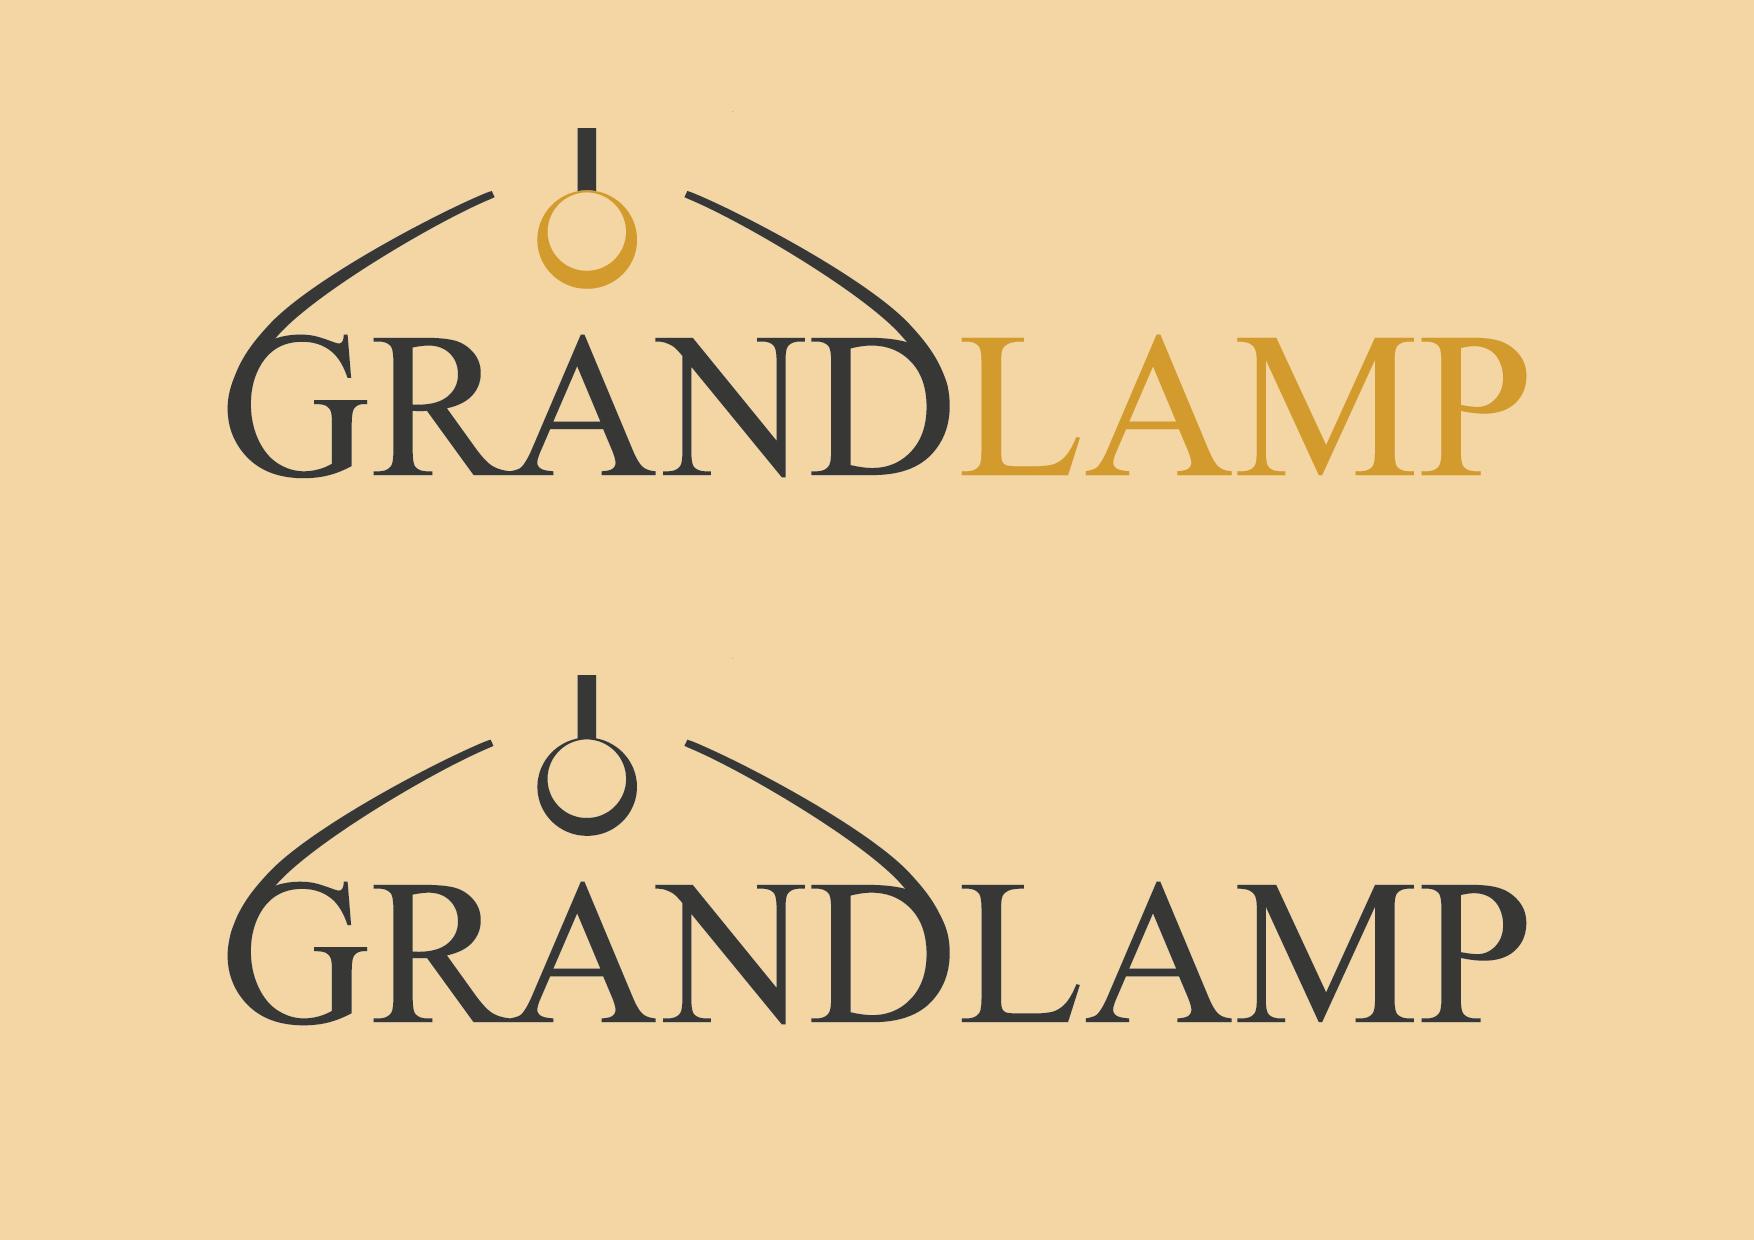 Разработка логотипа и элементов фирменного стиля фото f_20057e44e8513586.png